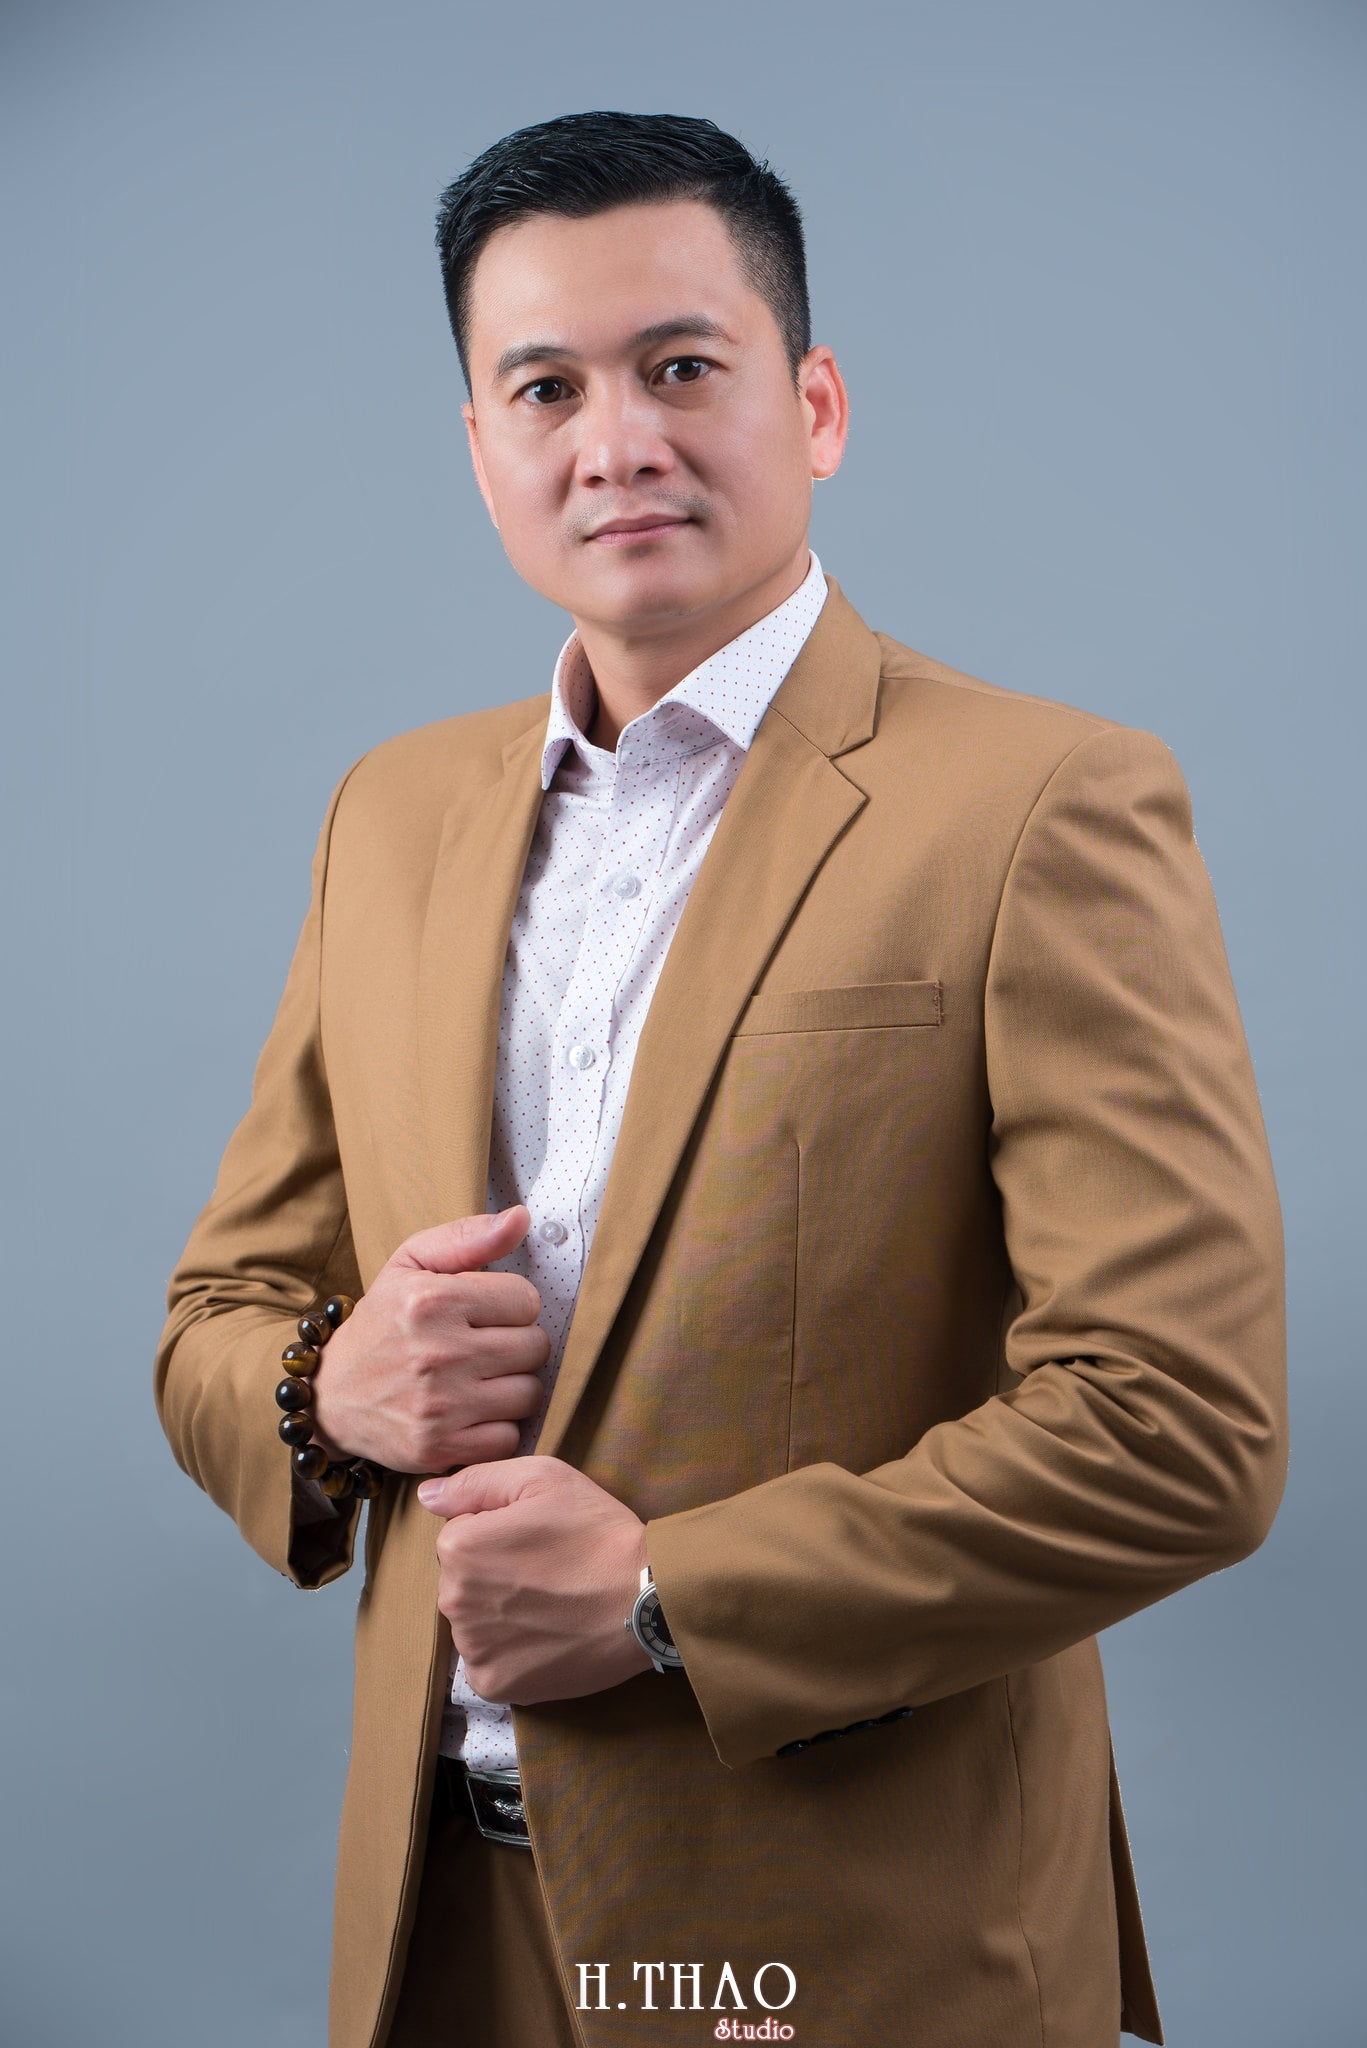 nh đẹp nam doanh nhân phong cách - Album ảnh chuẩn phong cách doanh nhân Hưng Nguyễn - HThao Studio